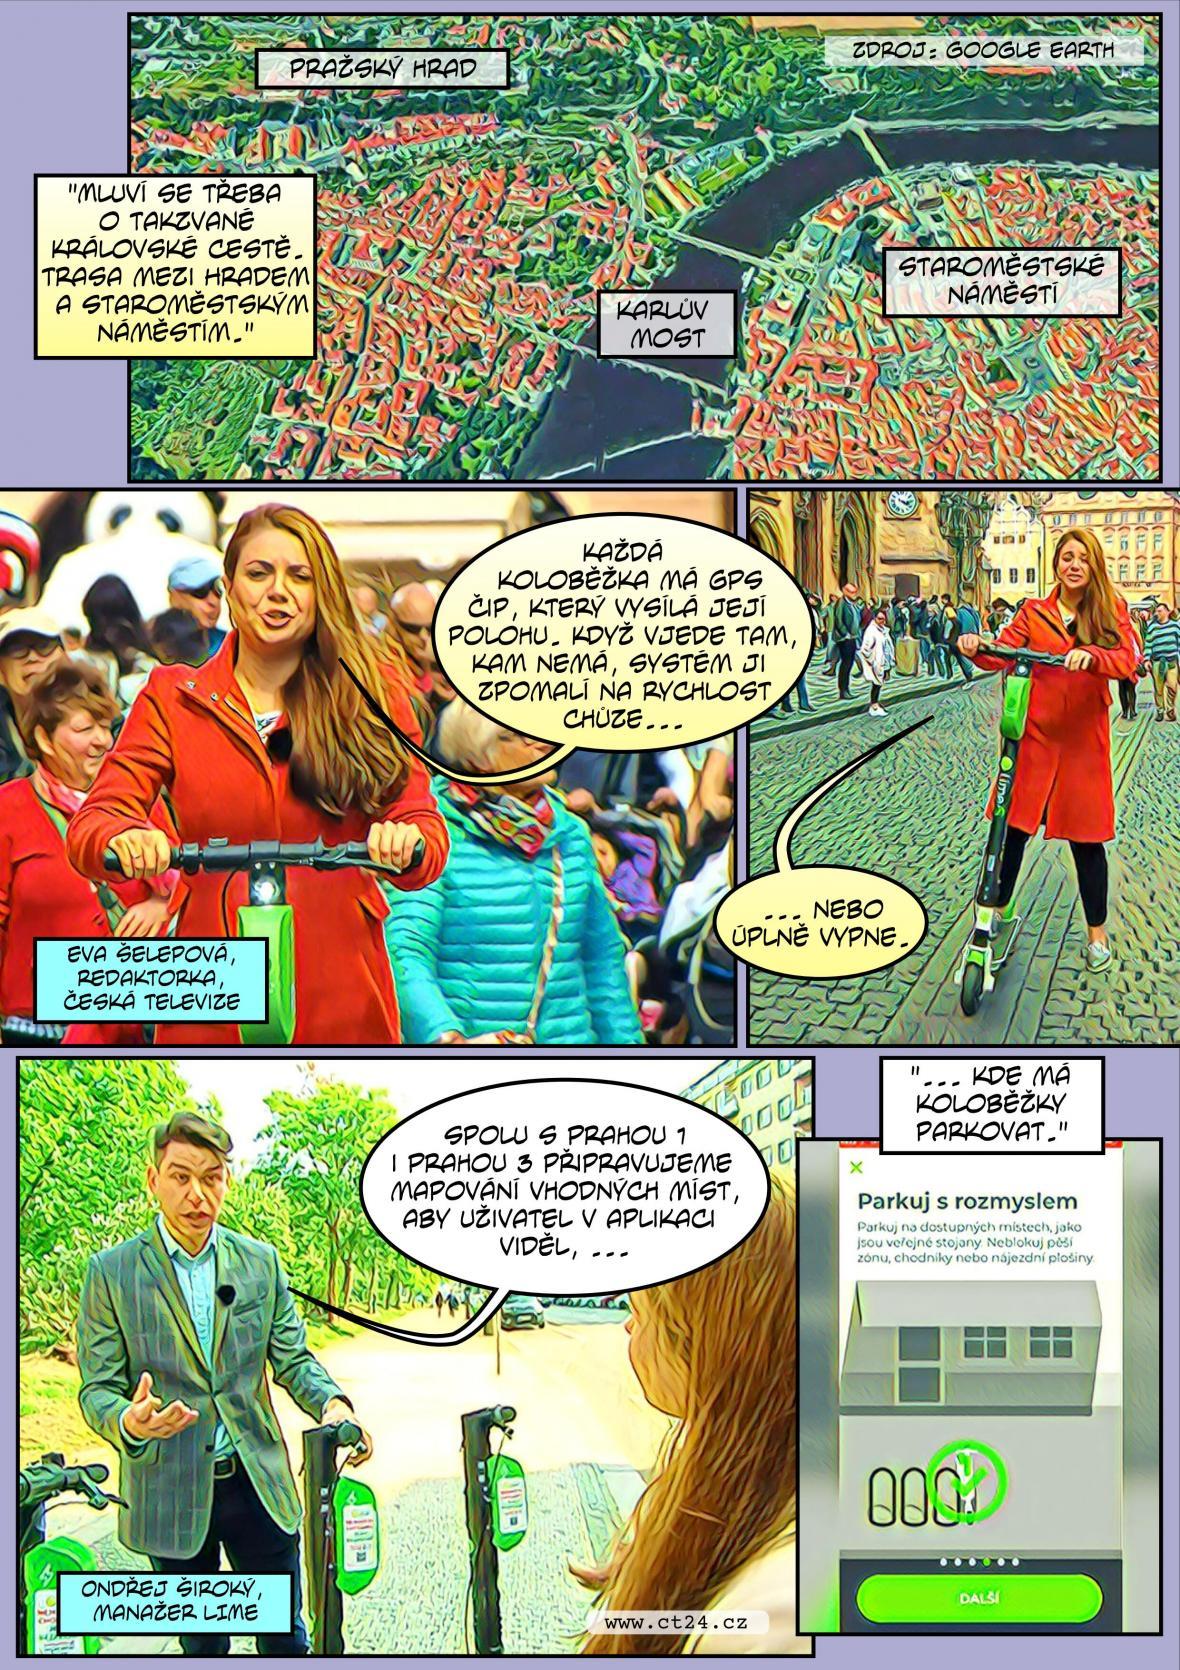 Komiks: E-koloběžky v Praze